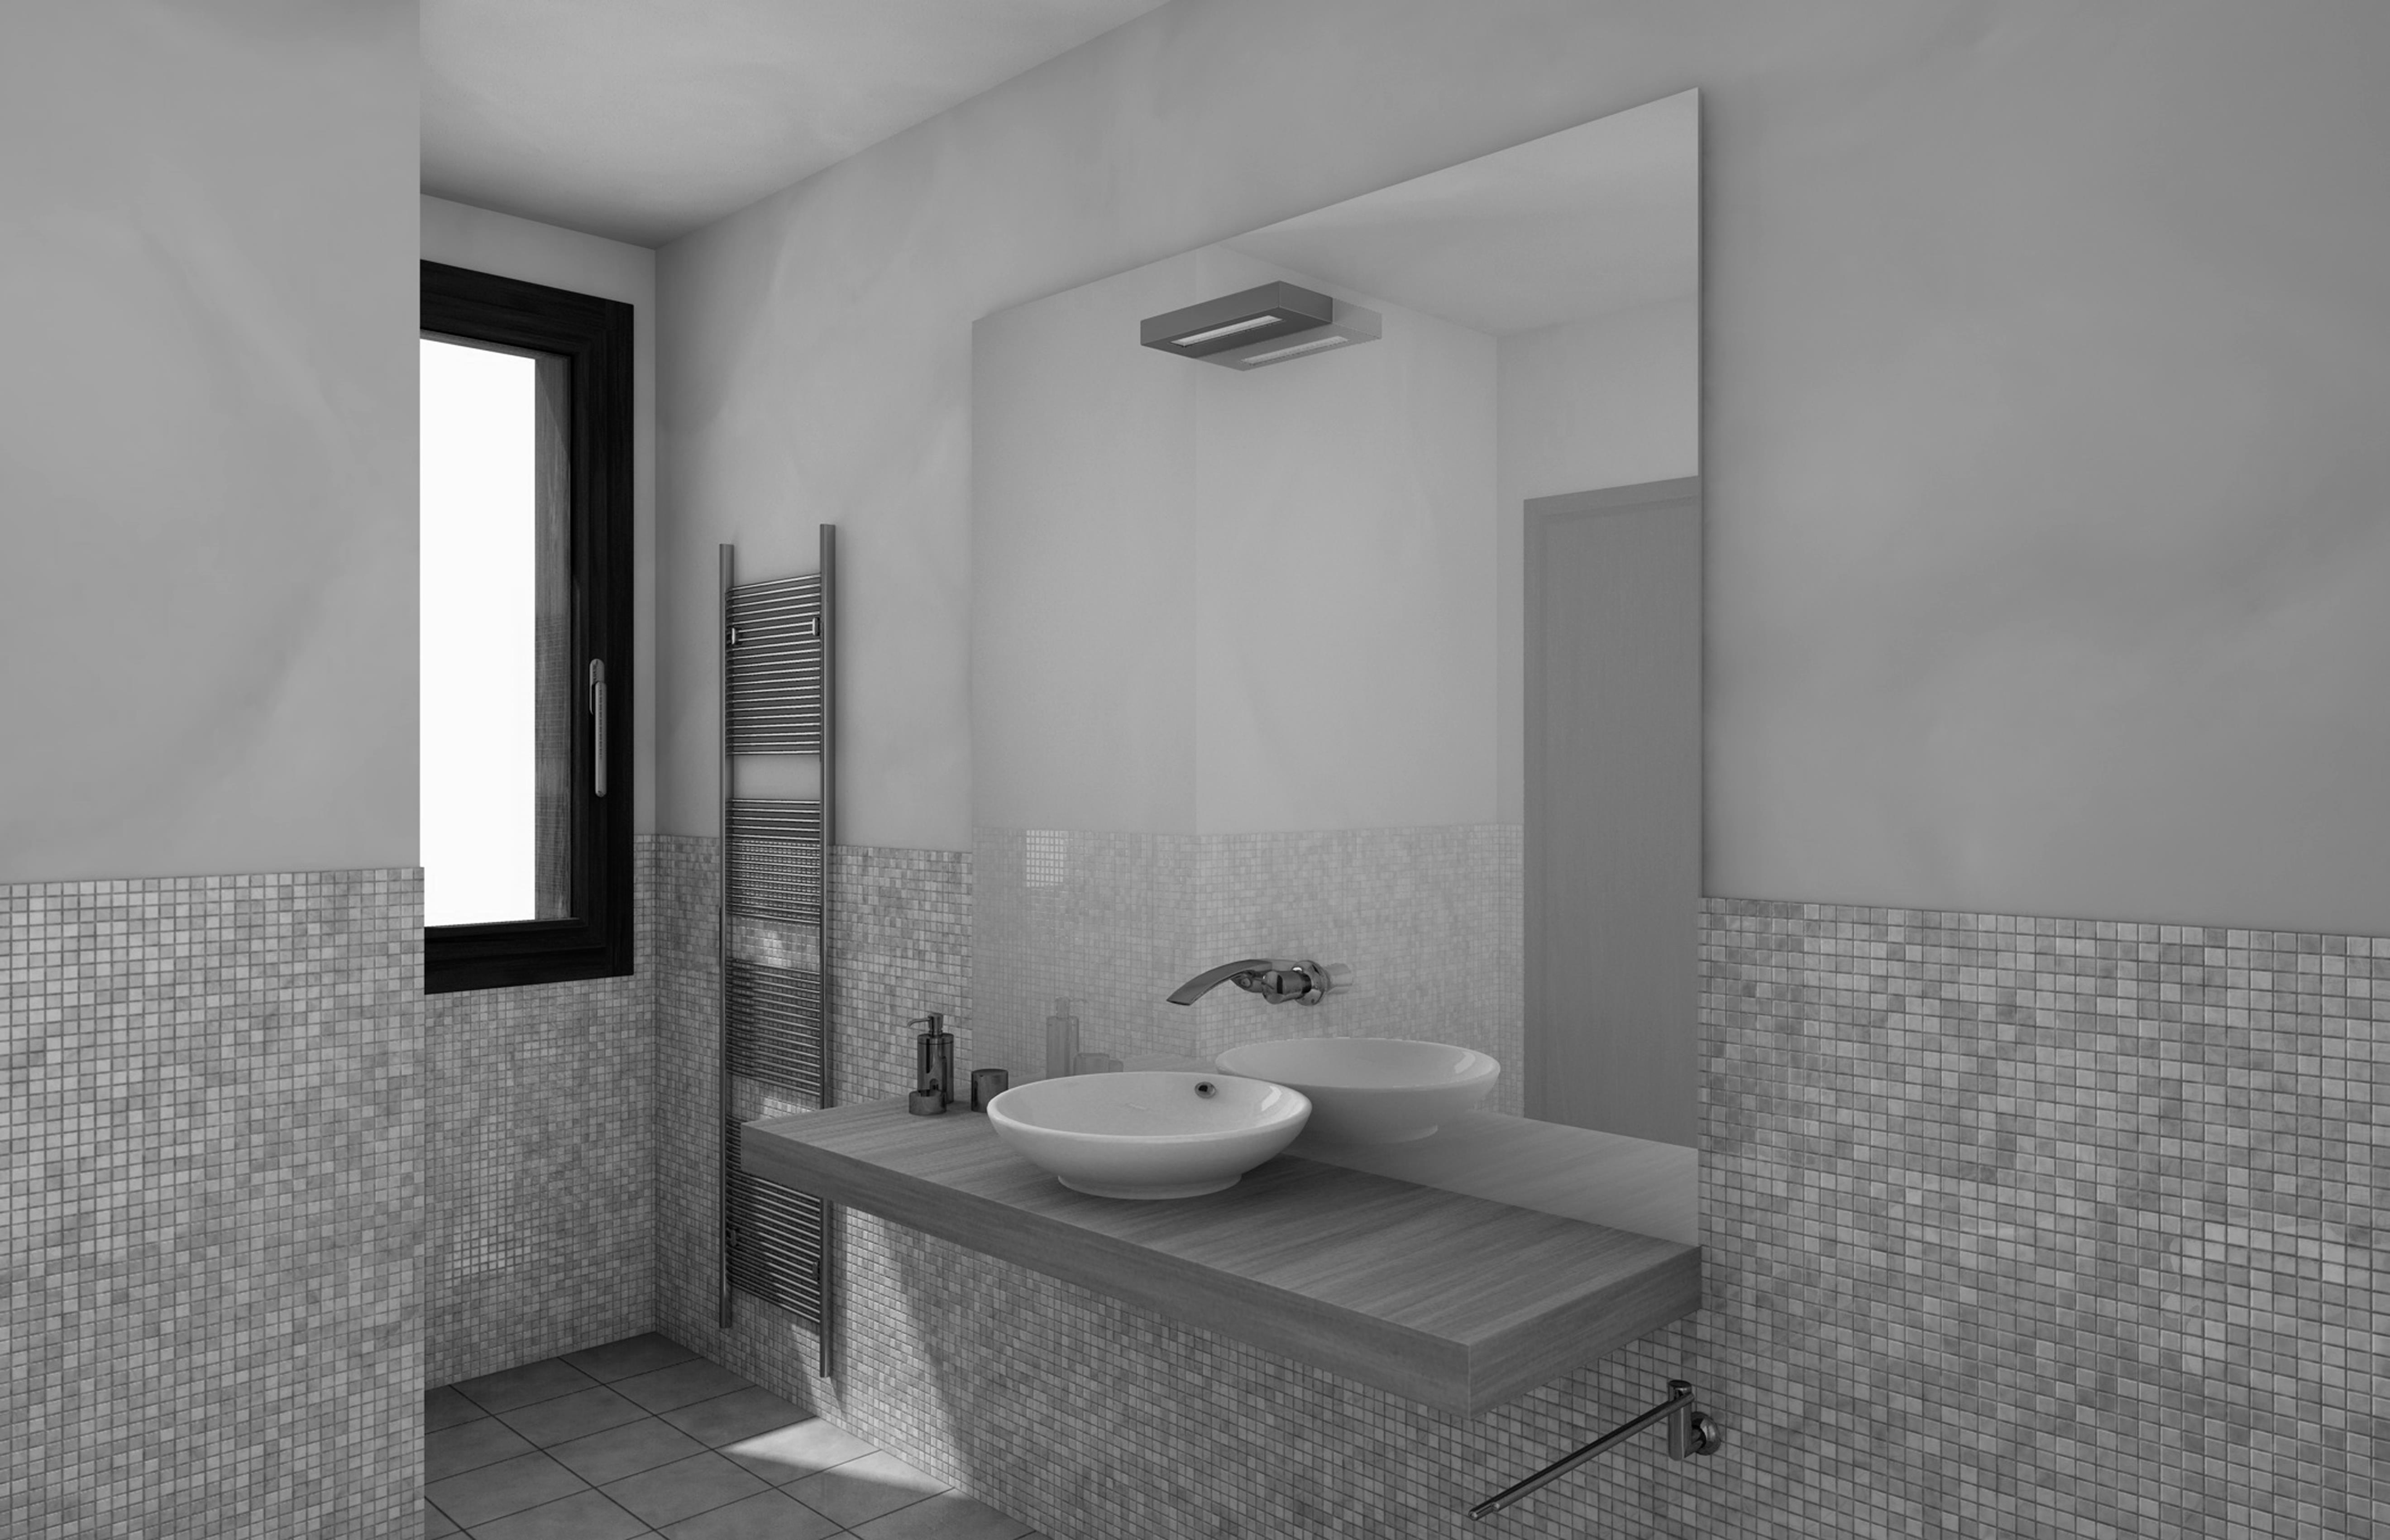 Cuscini testiera letto - Specchi moderni bagno ...